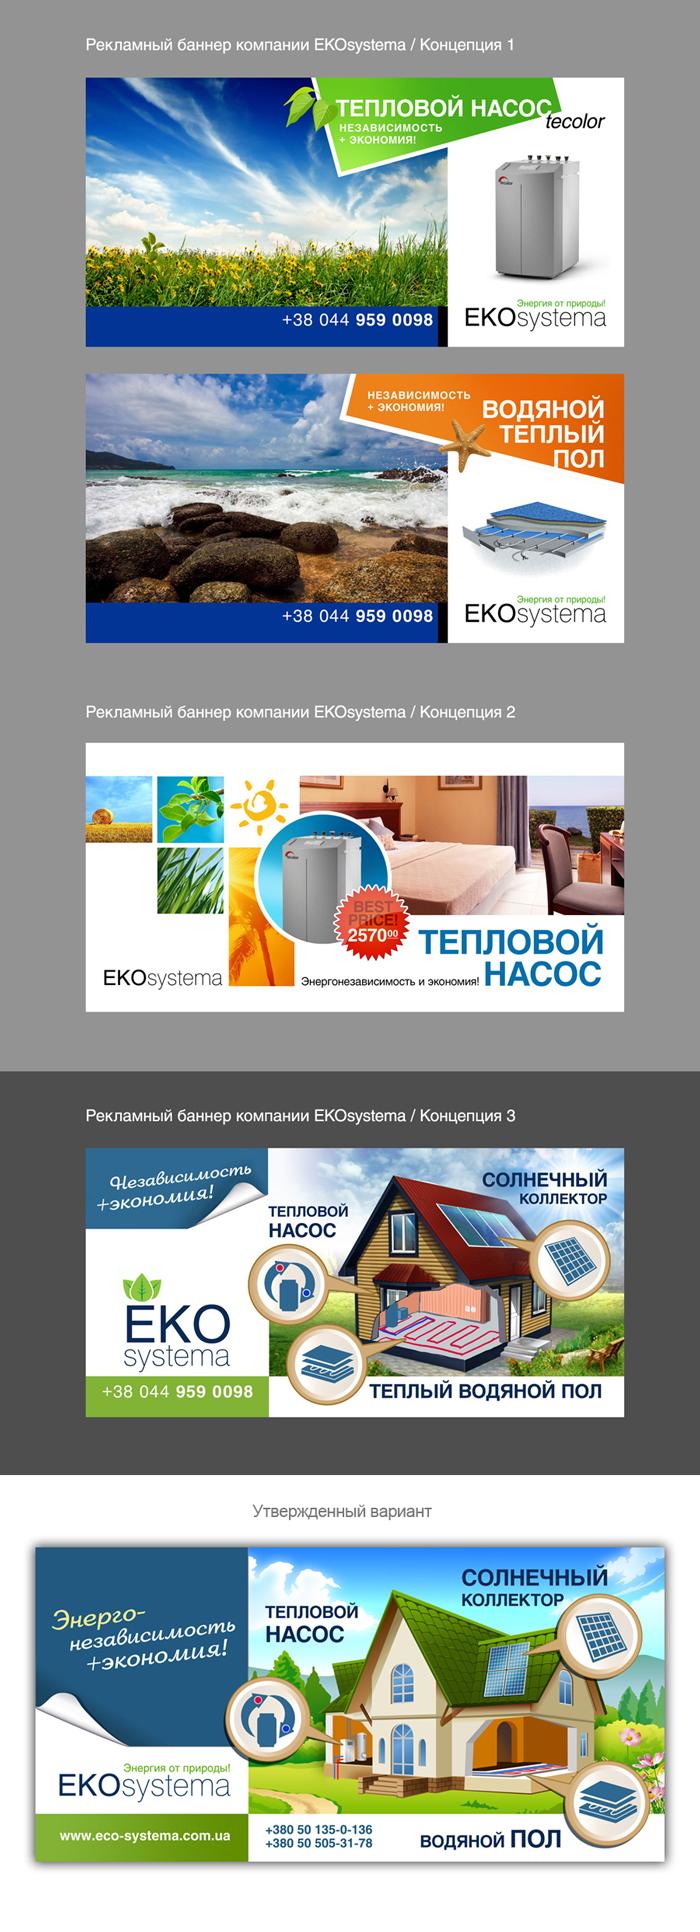 Концепция и дизайн наружной рекламы для компании Ekosystema